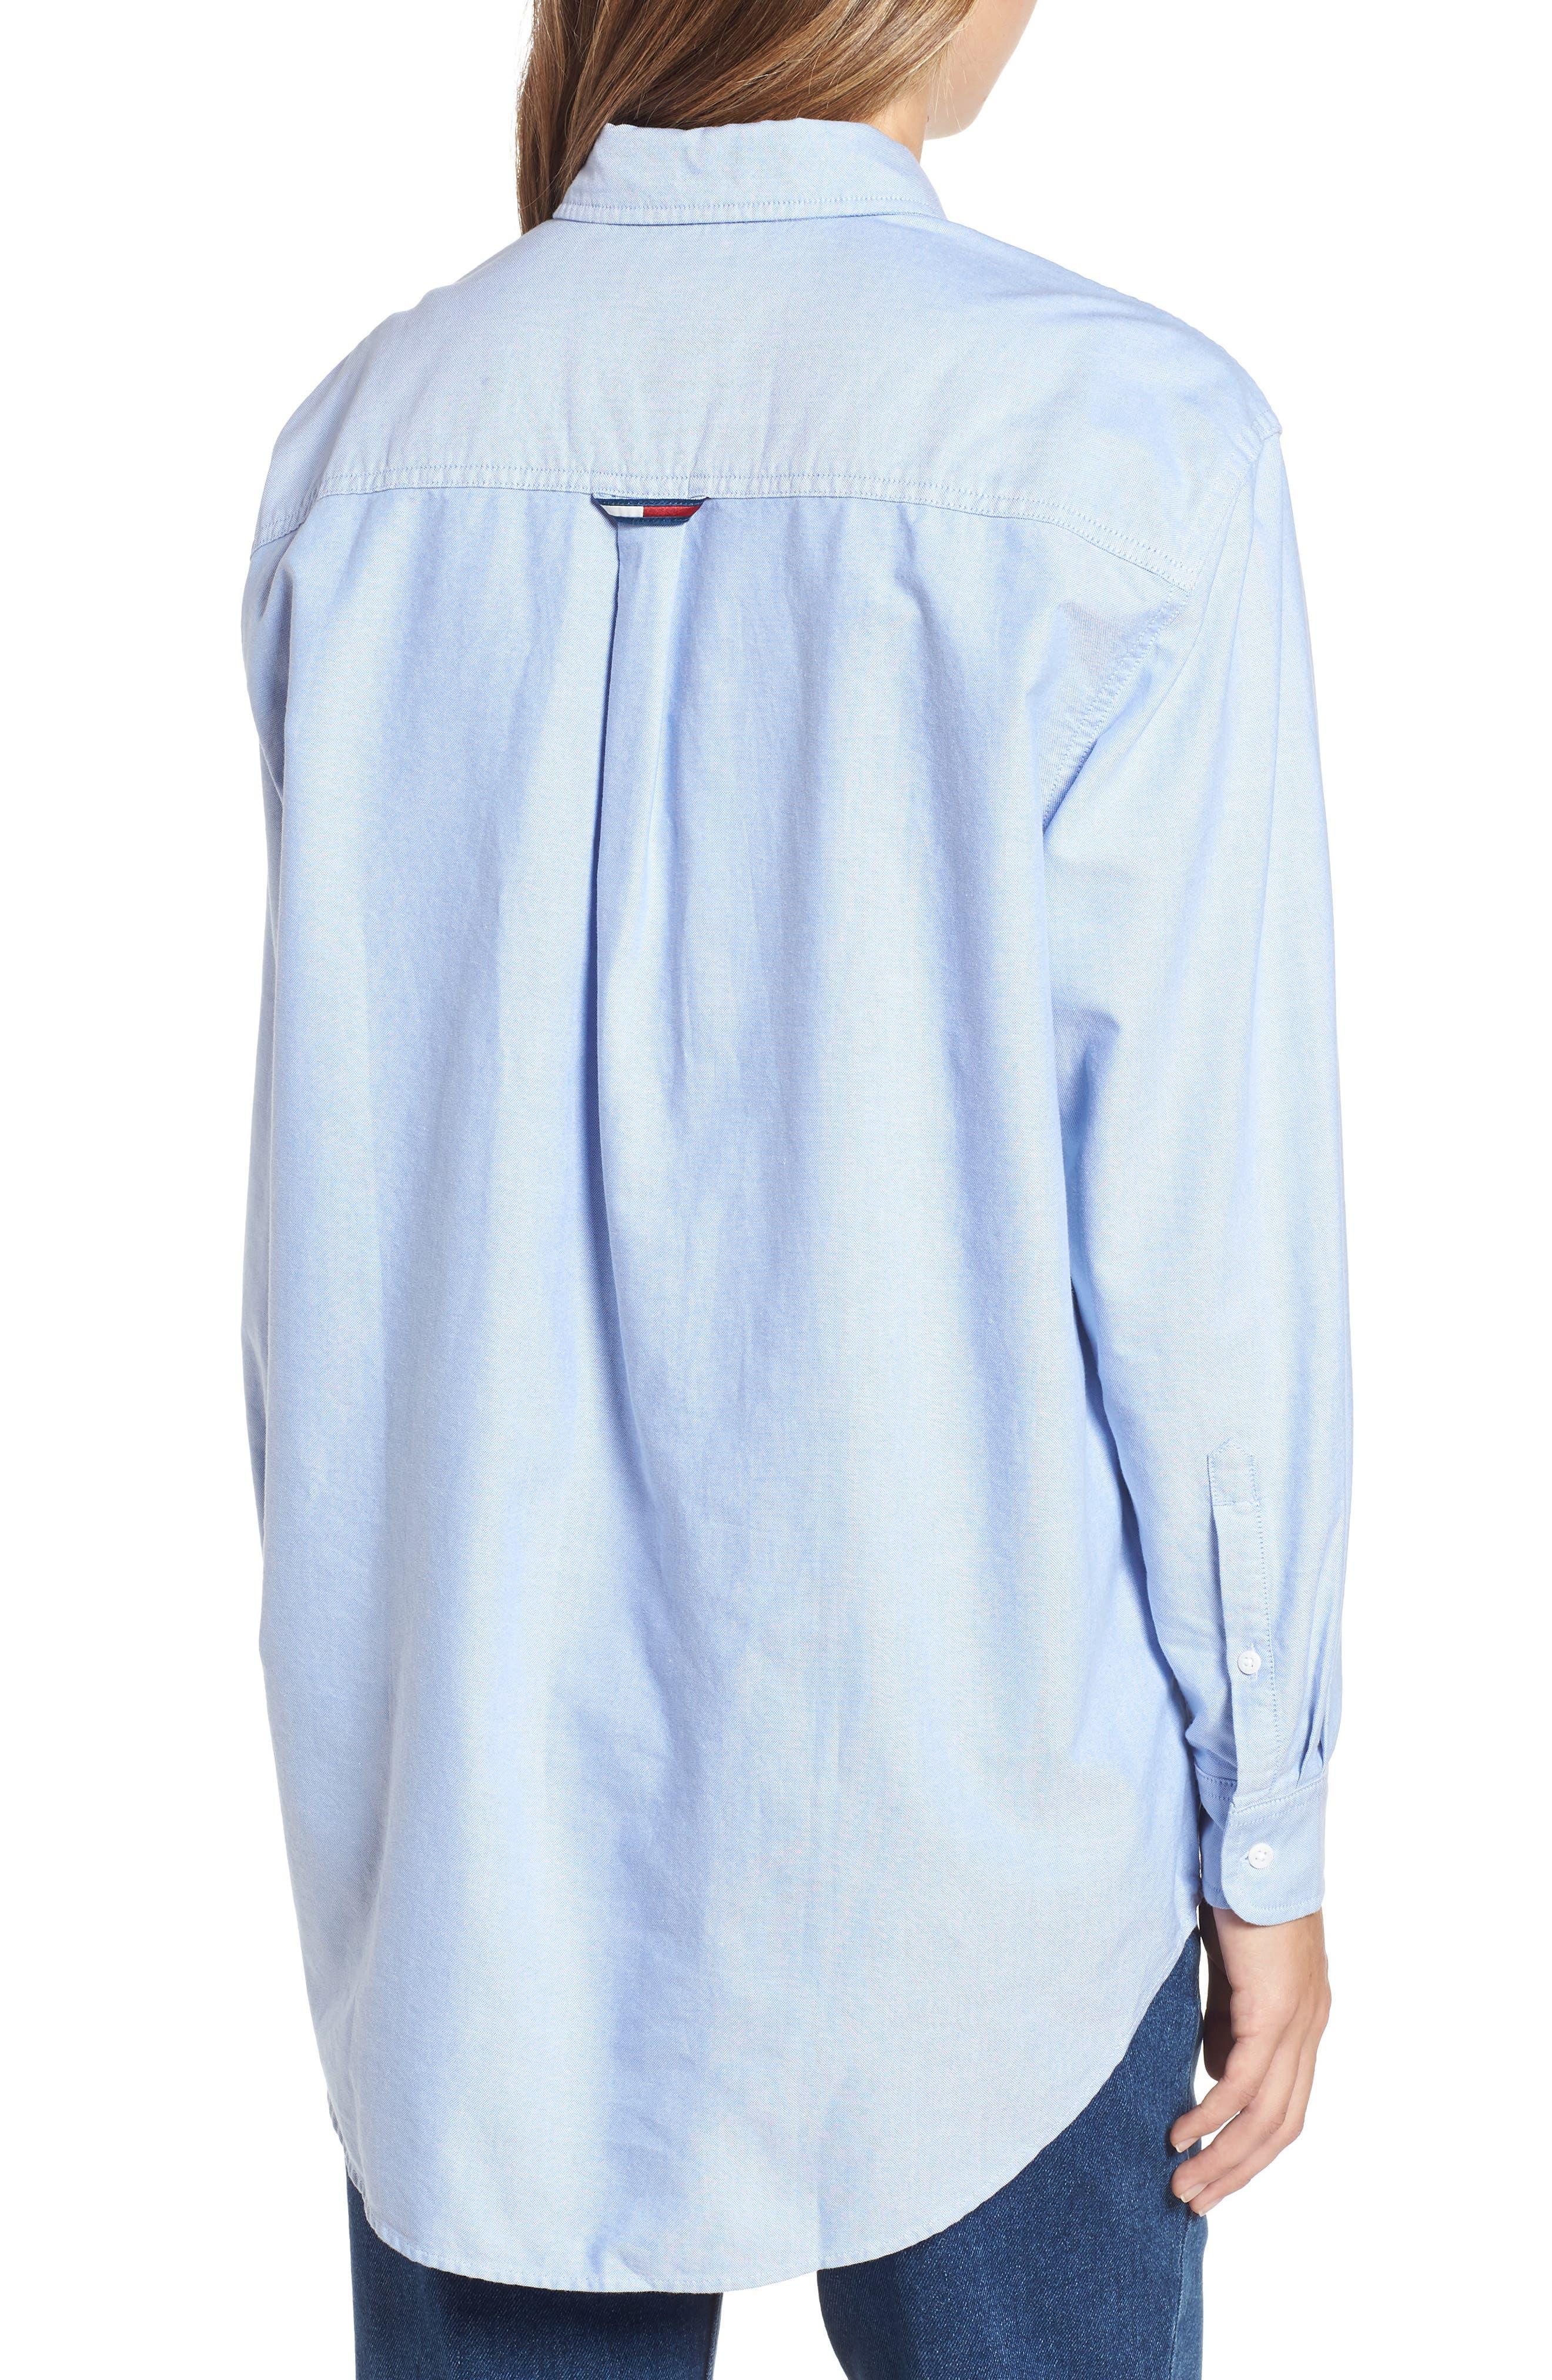 Classics Shirt,                             Alternate thumbnail 2, color,                             LIGHT BLUE